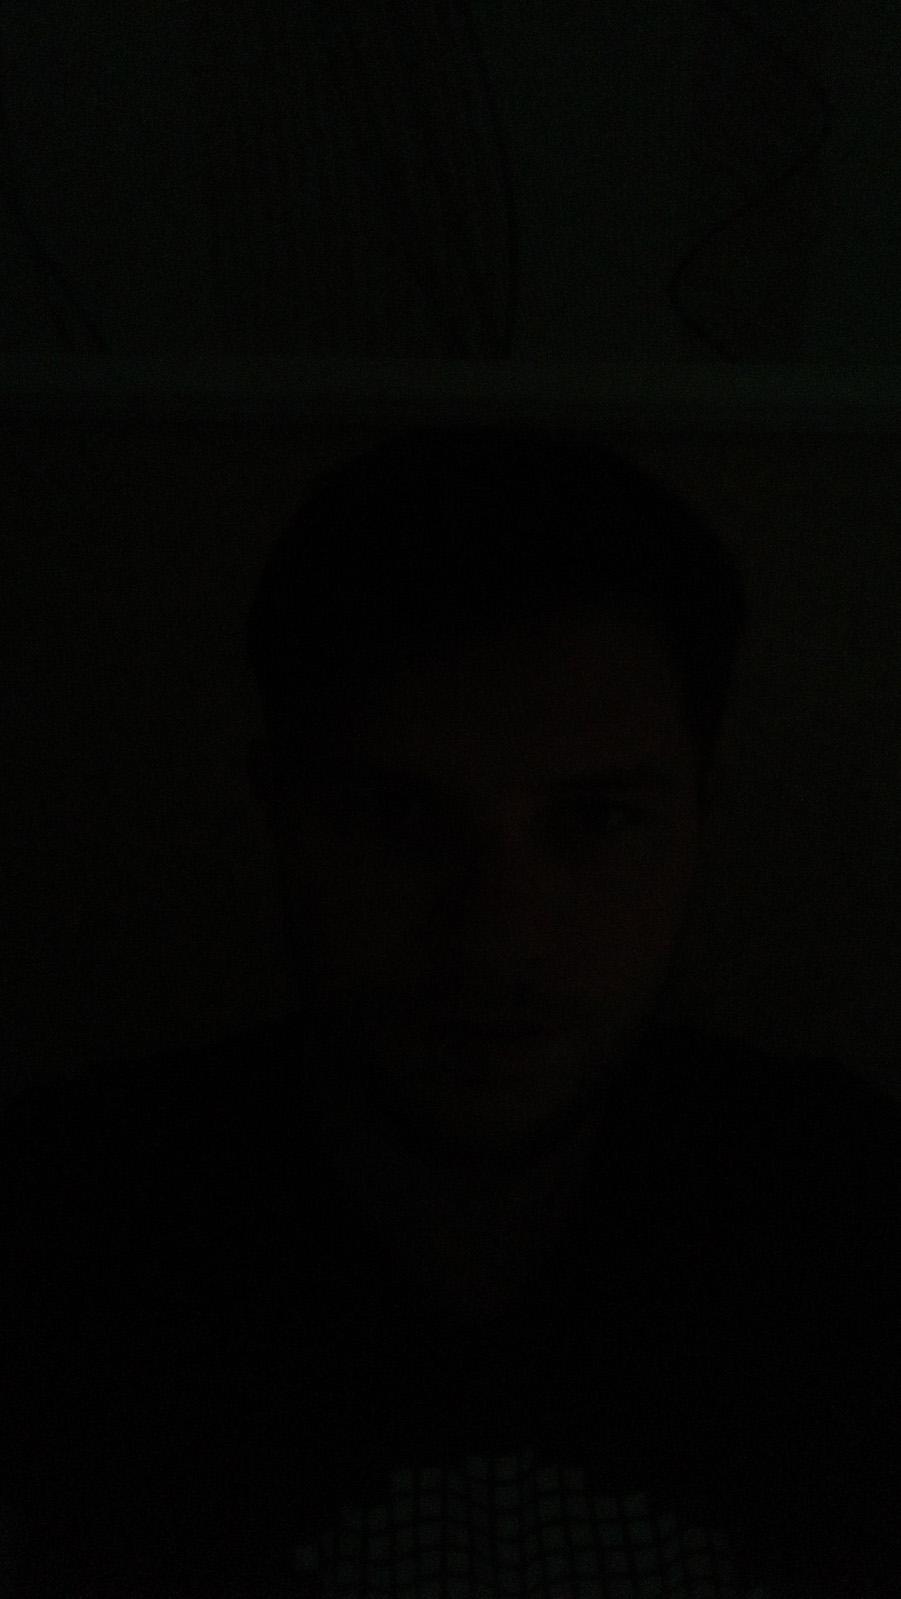 Снимок на фронтальную камеру практически в полной темноте